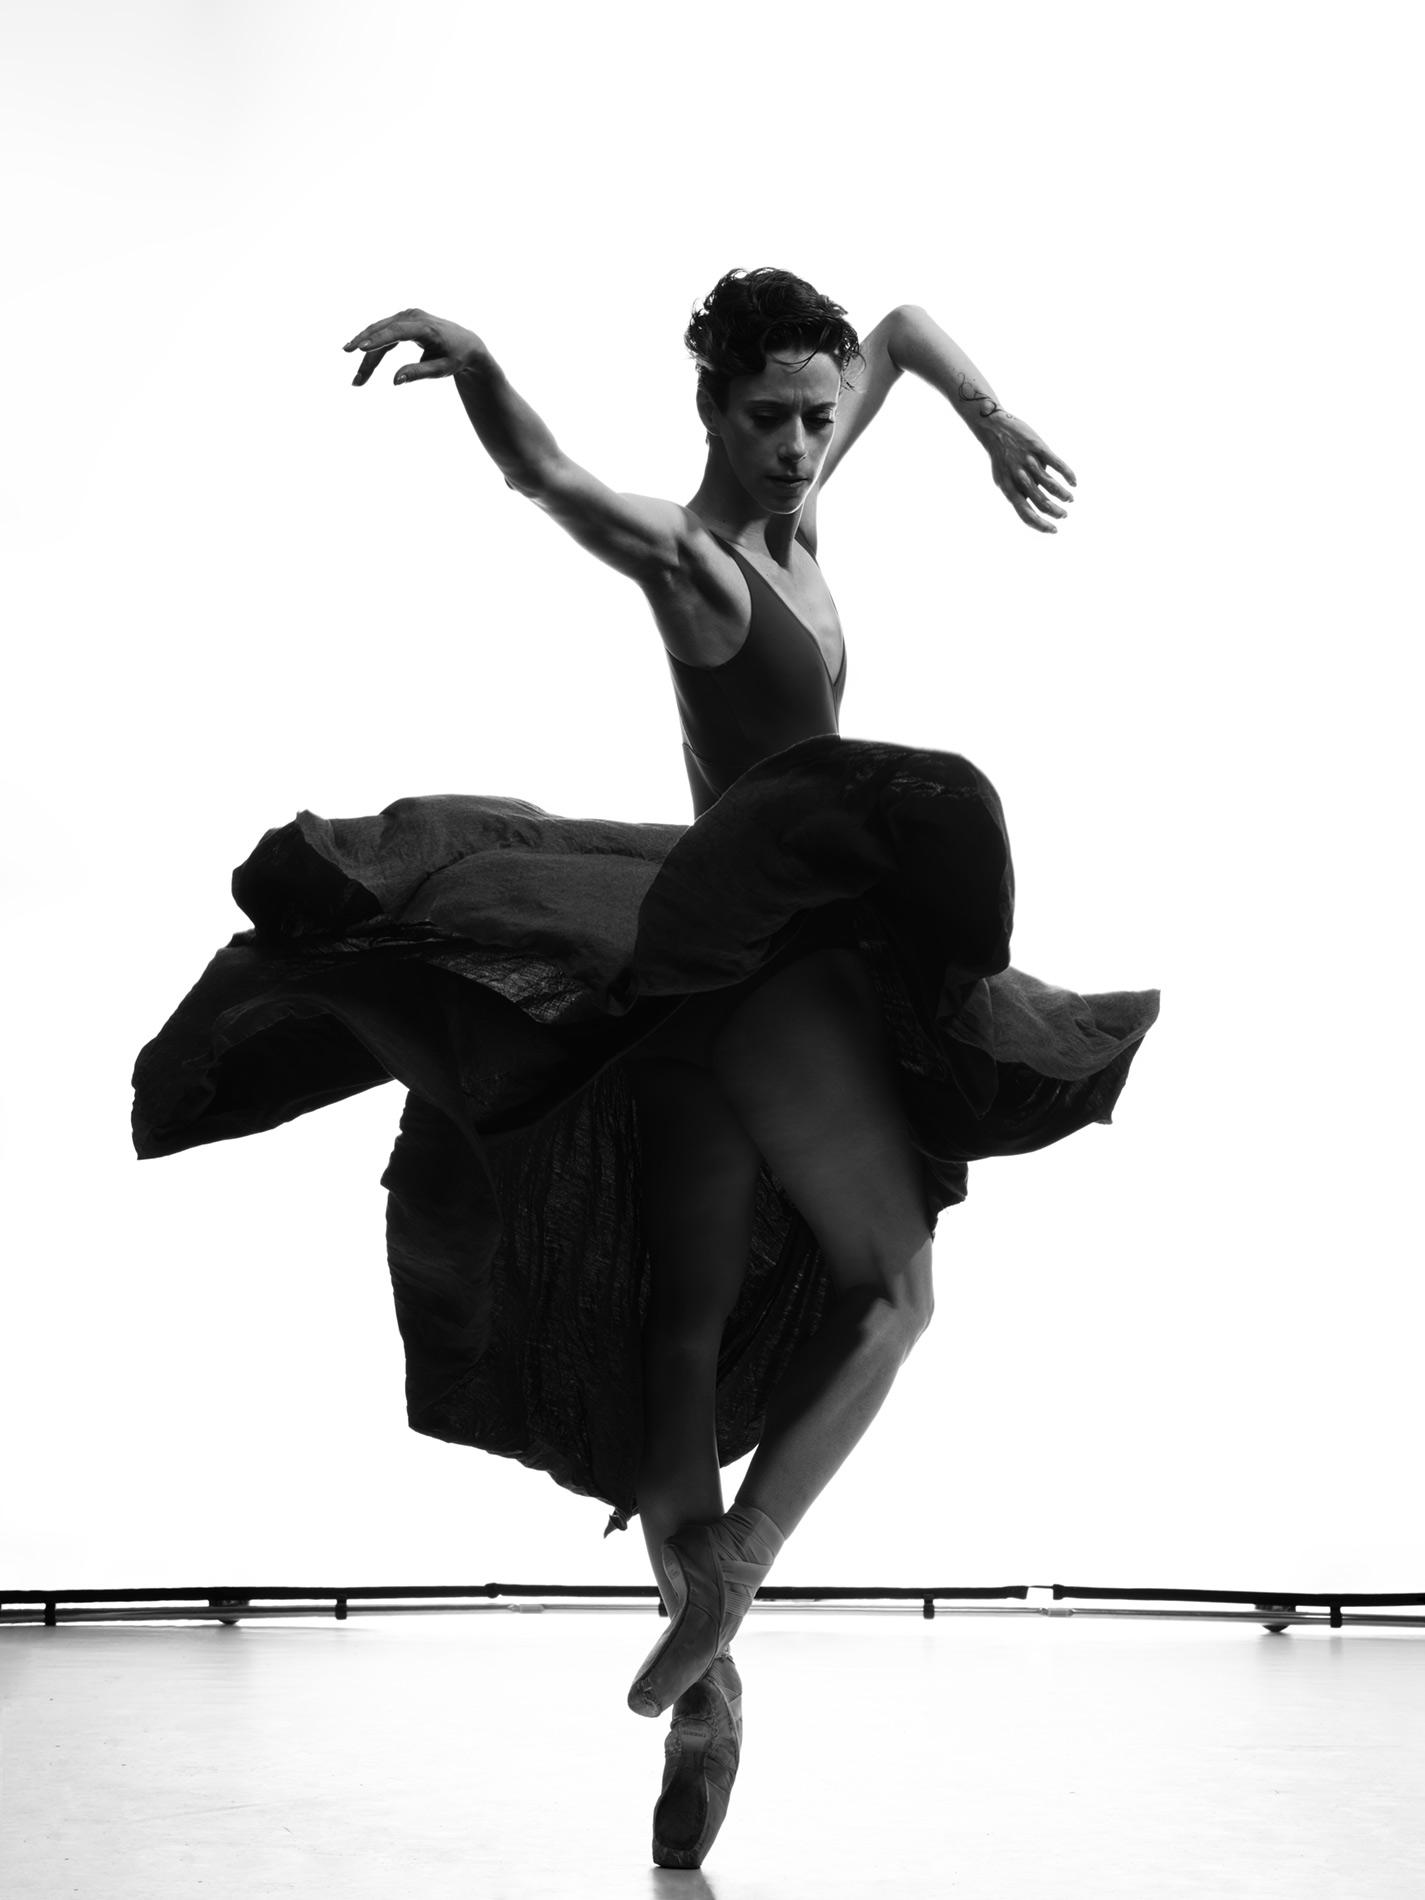 Anjara Ballesteros. Les Ballets de Montecarlo. 2019